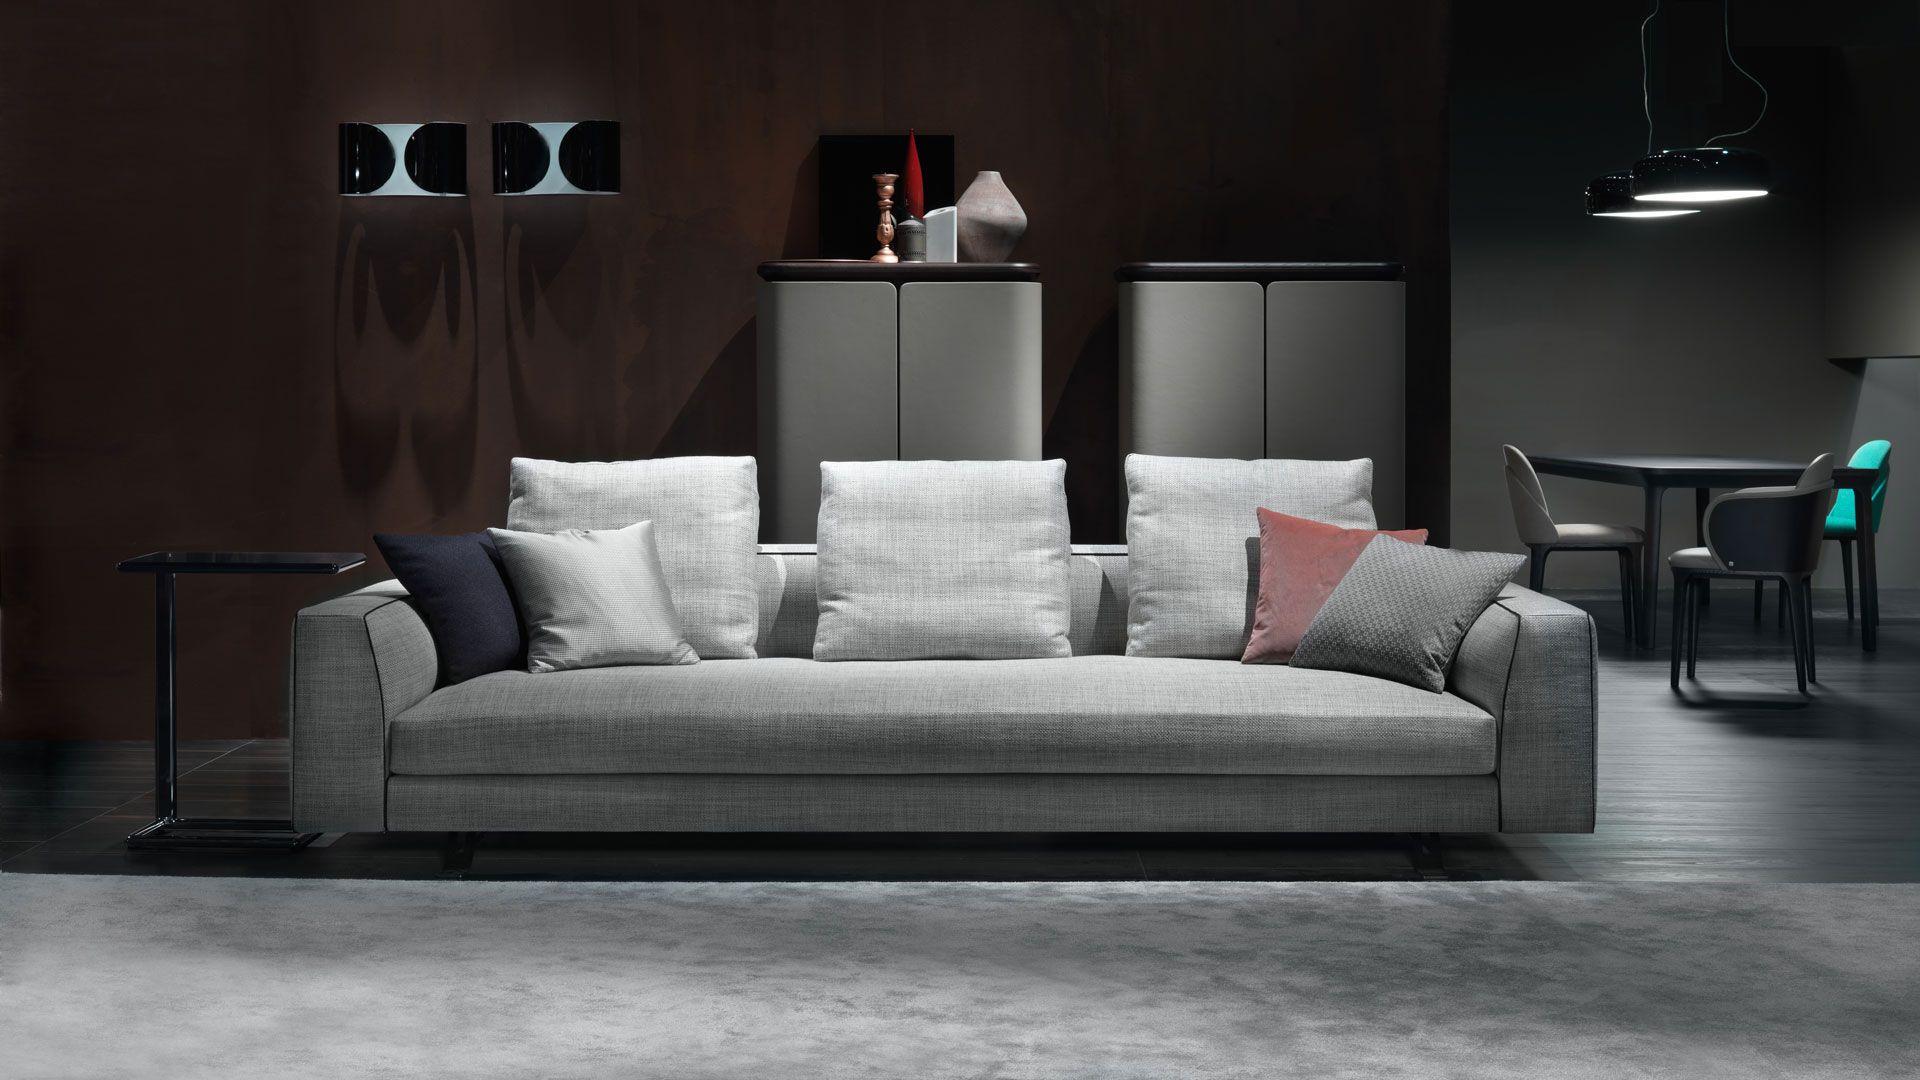 Divano Multicolor ~ Divano angolare lugano colore grigio produzione santambrogio